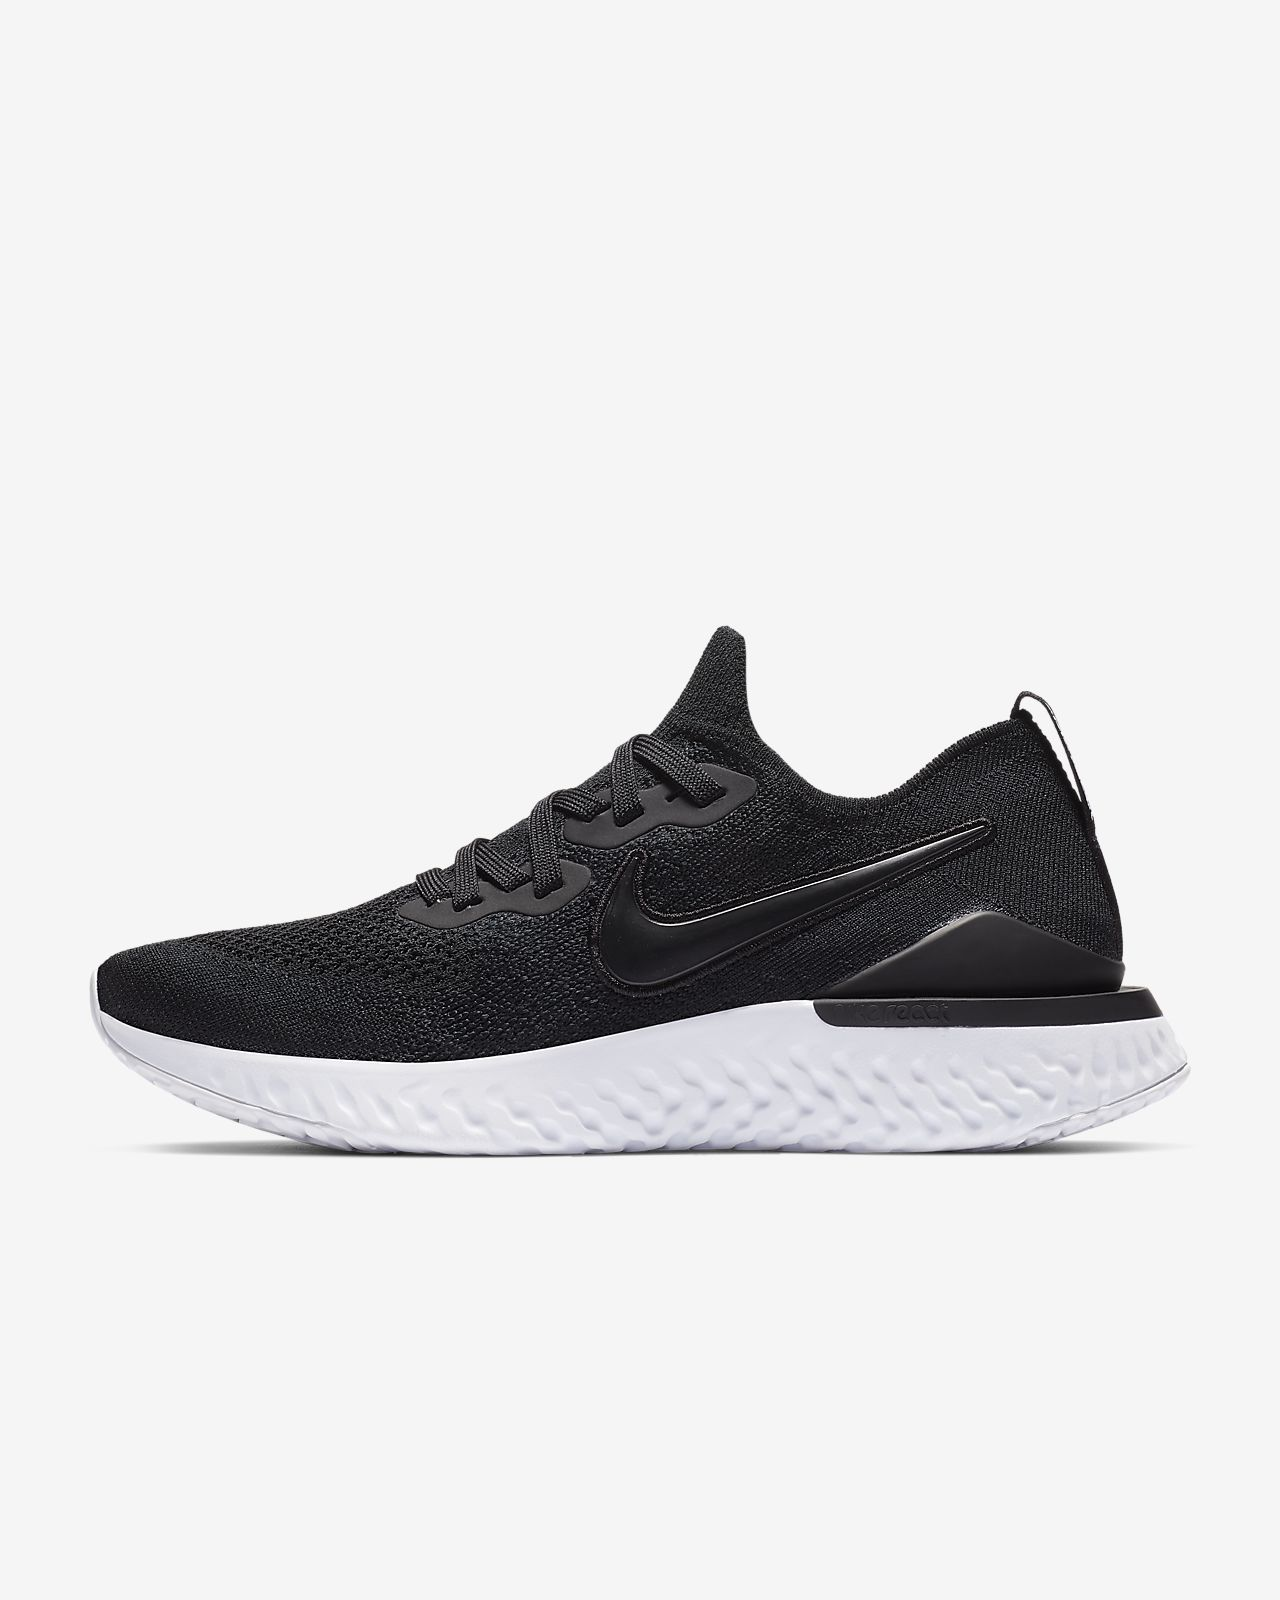 Damskie buty do biegania Nike Epic React Flyknit 2